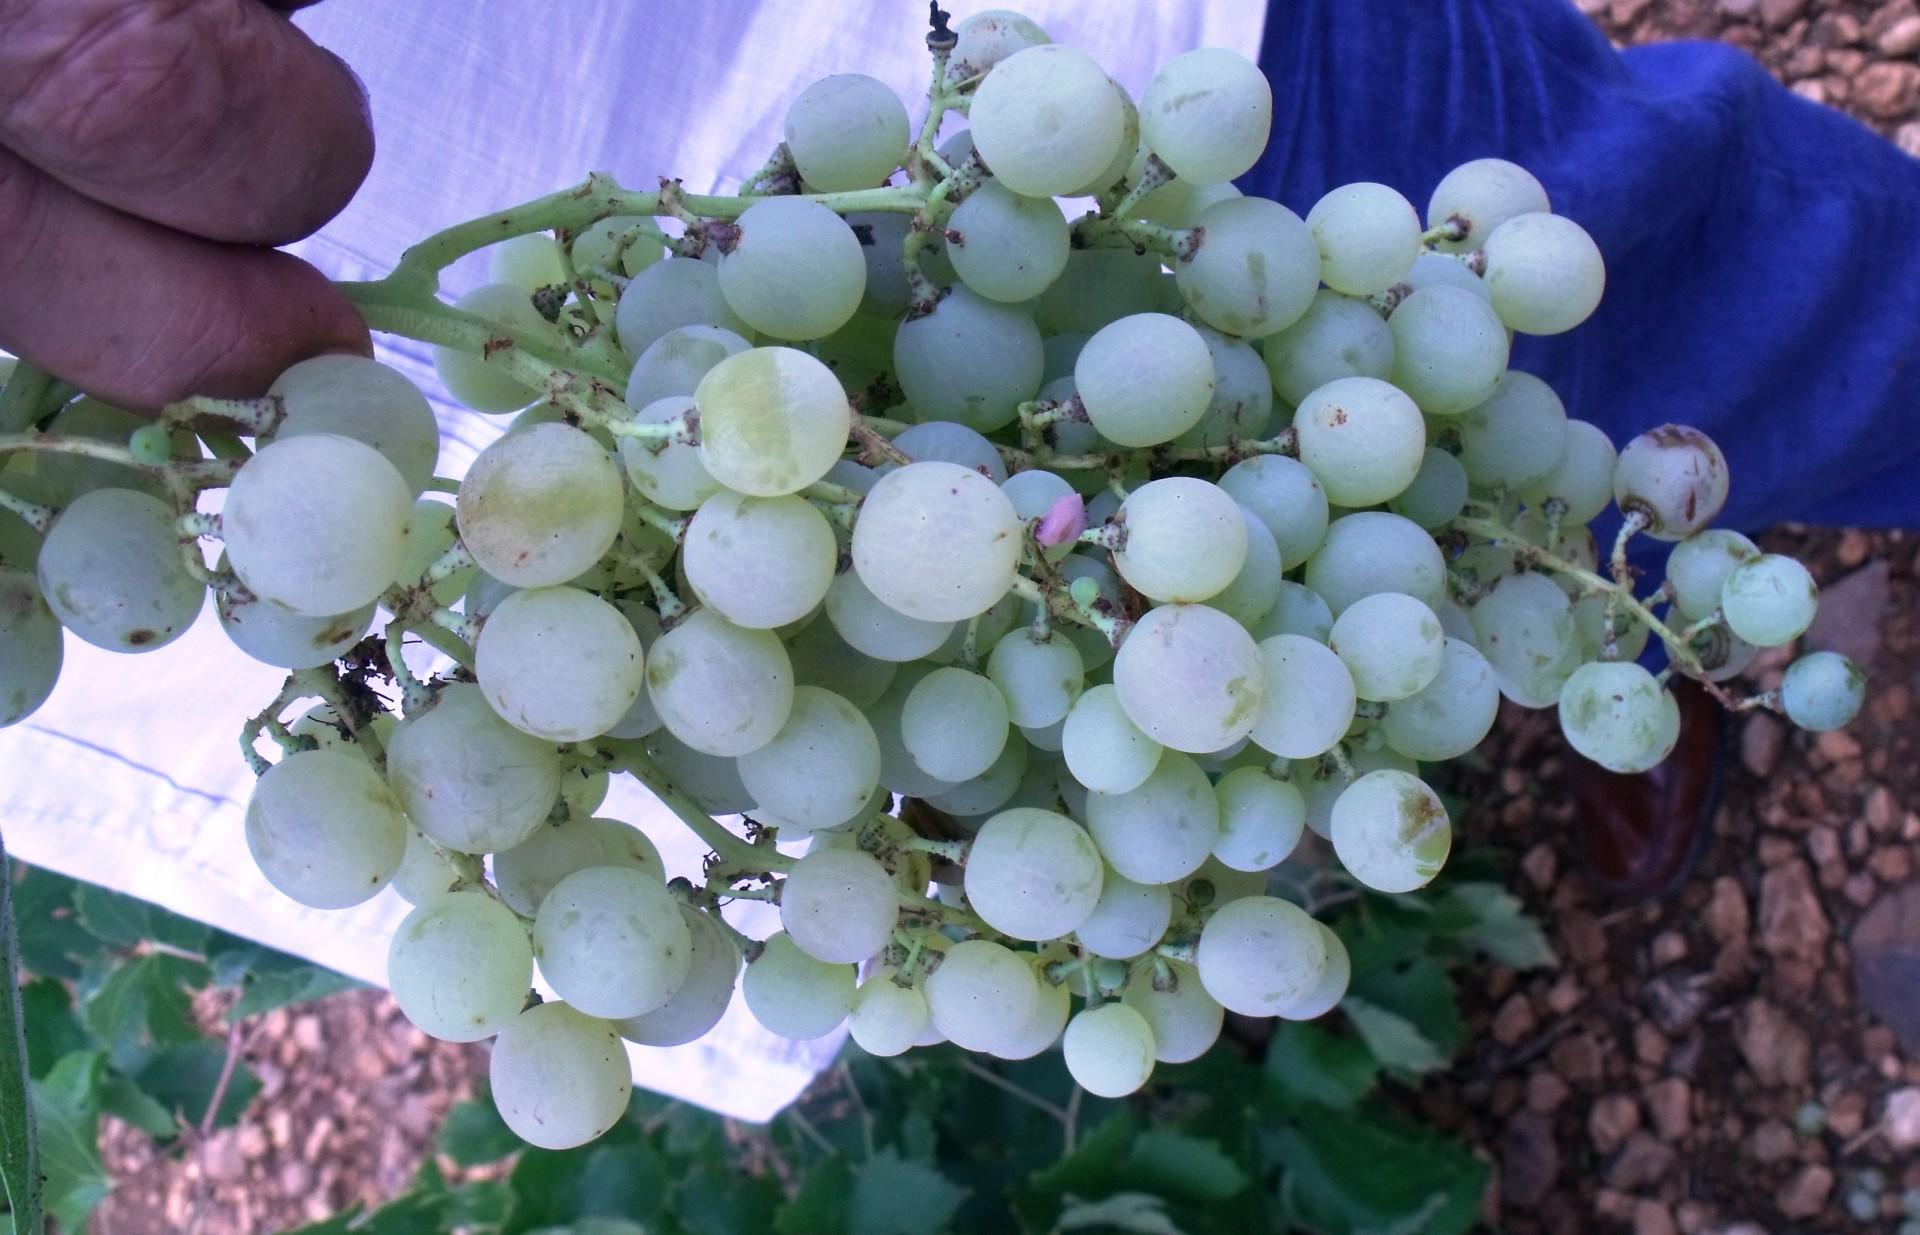 Asaja Socuéllamos consigue mejorar el precio de la uva airén como perseguía en sus manifestaciones - 0